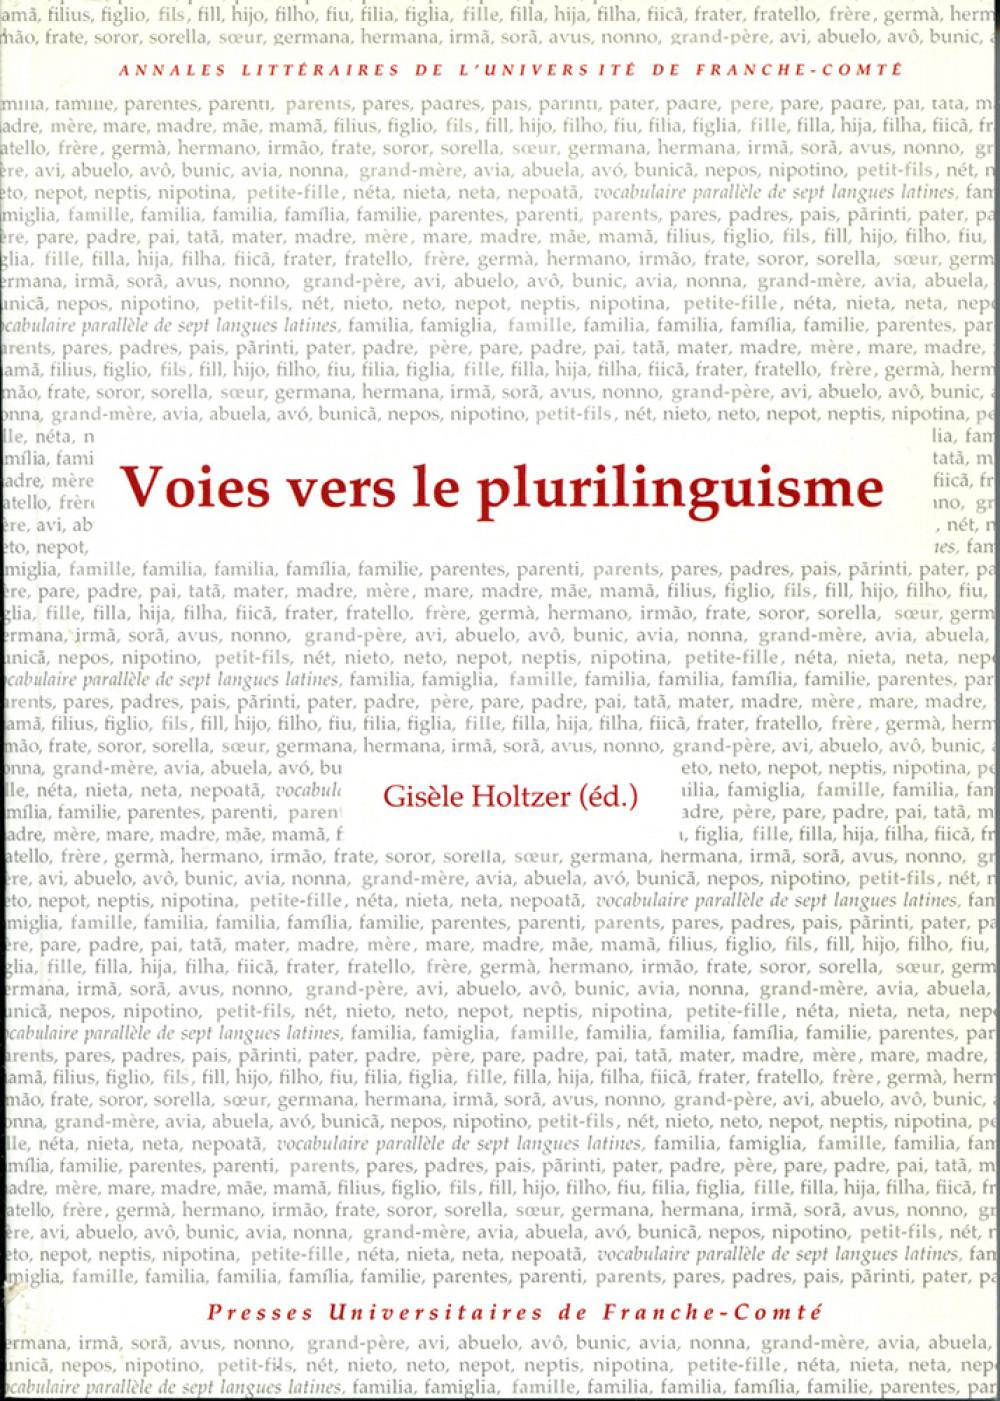 Voies vers le plurilinguisme